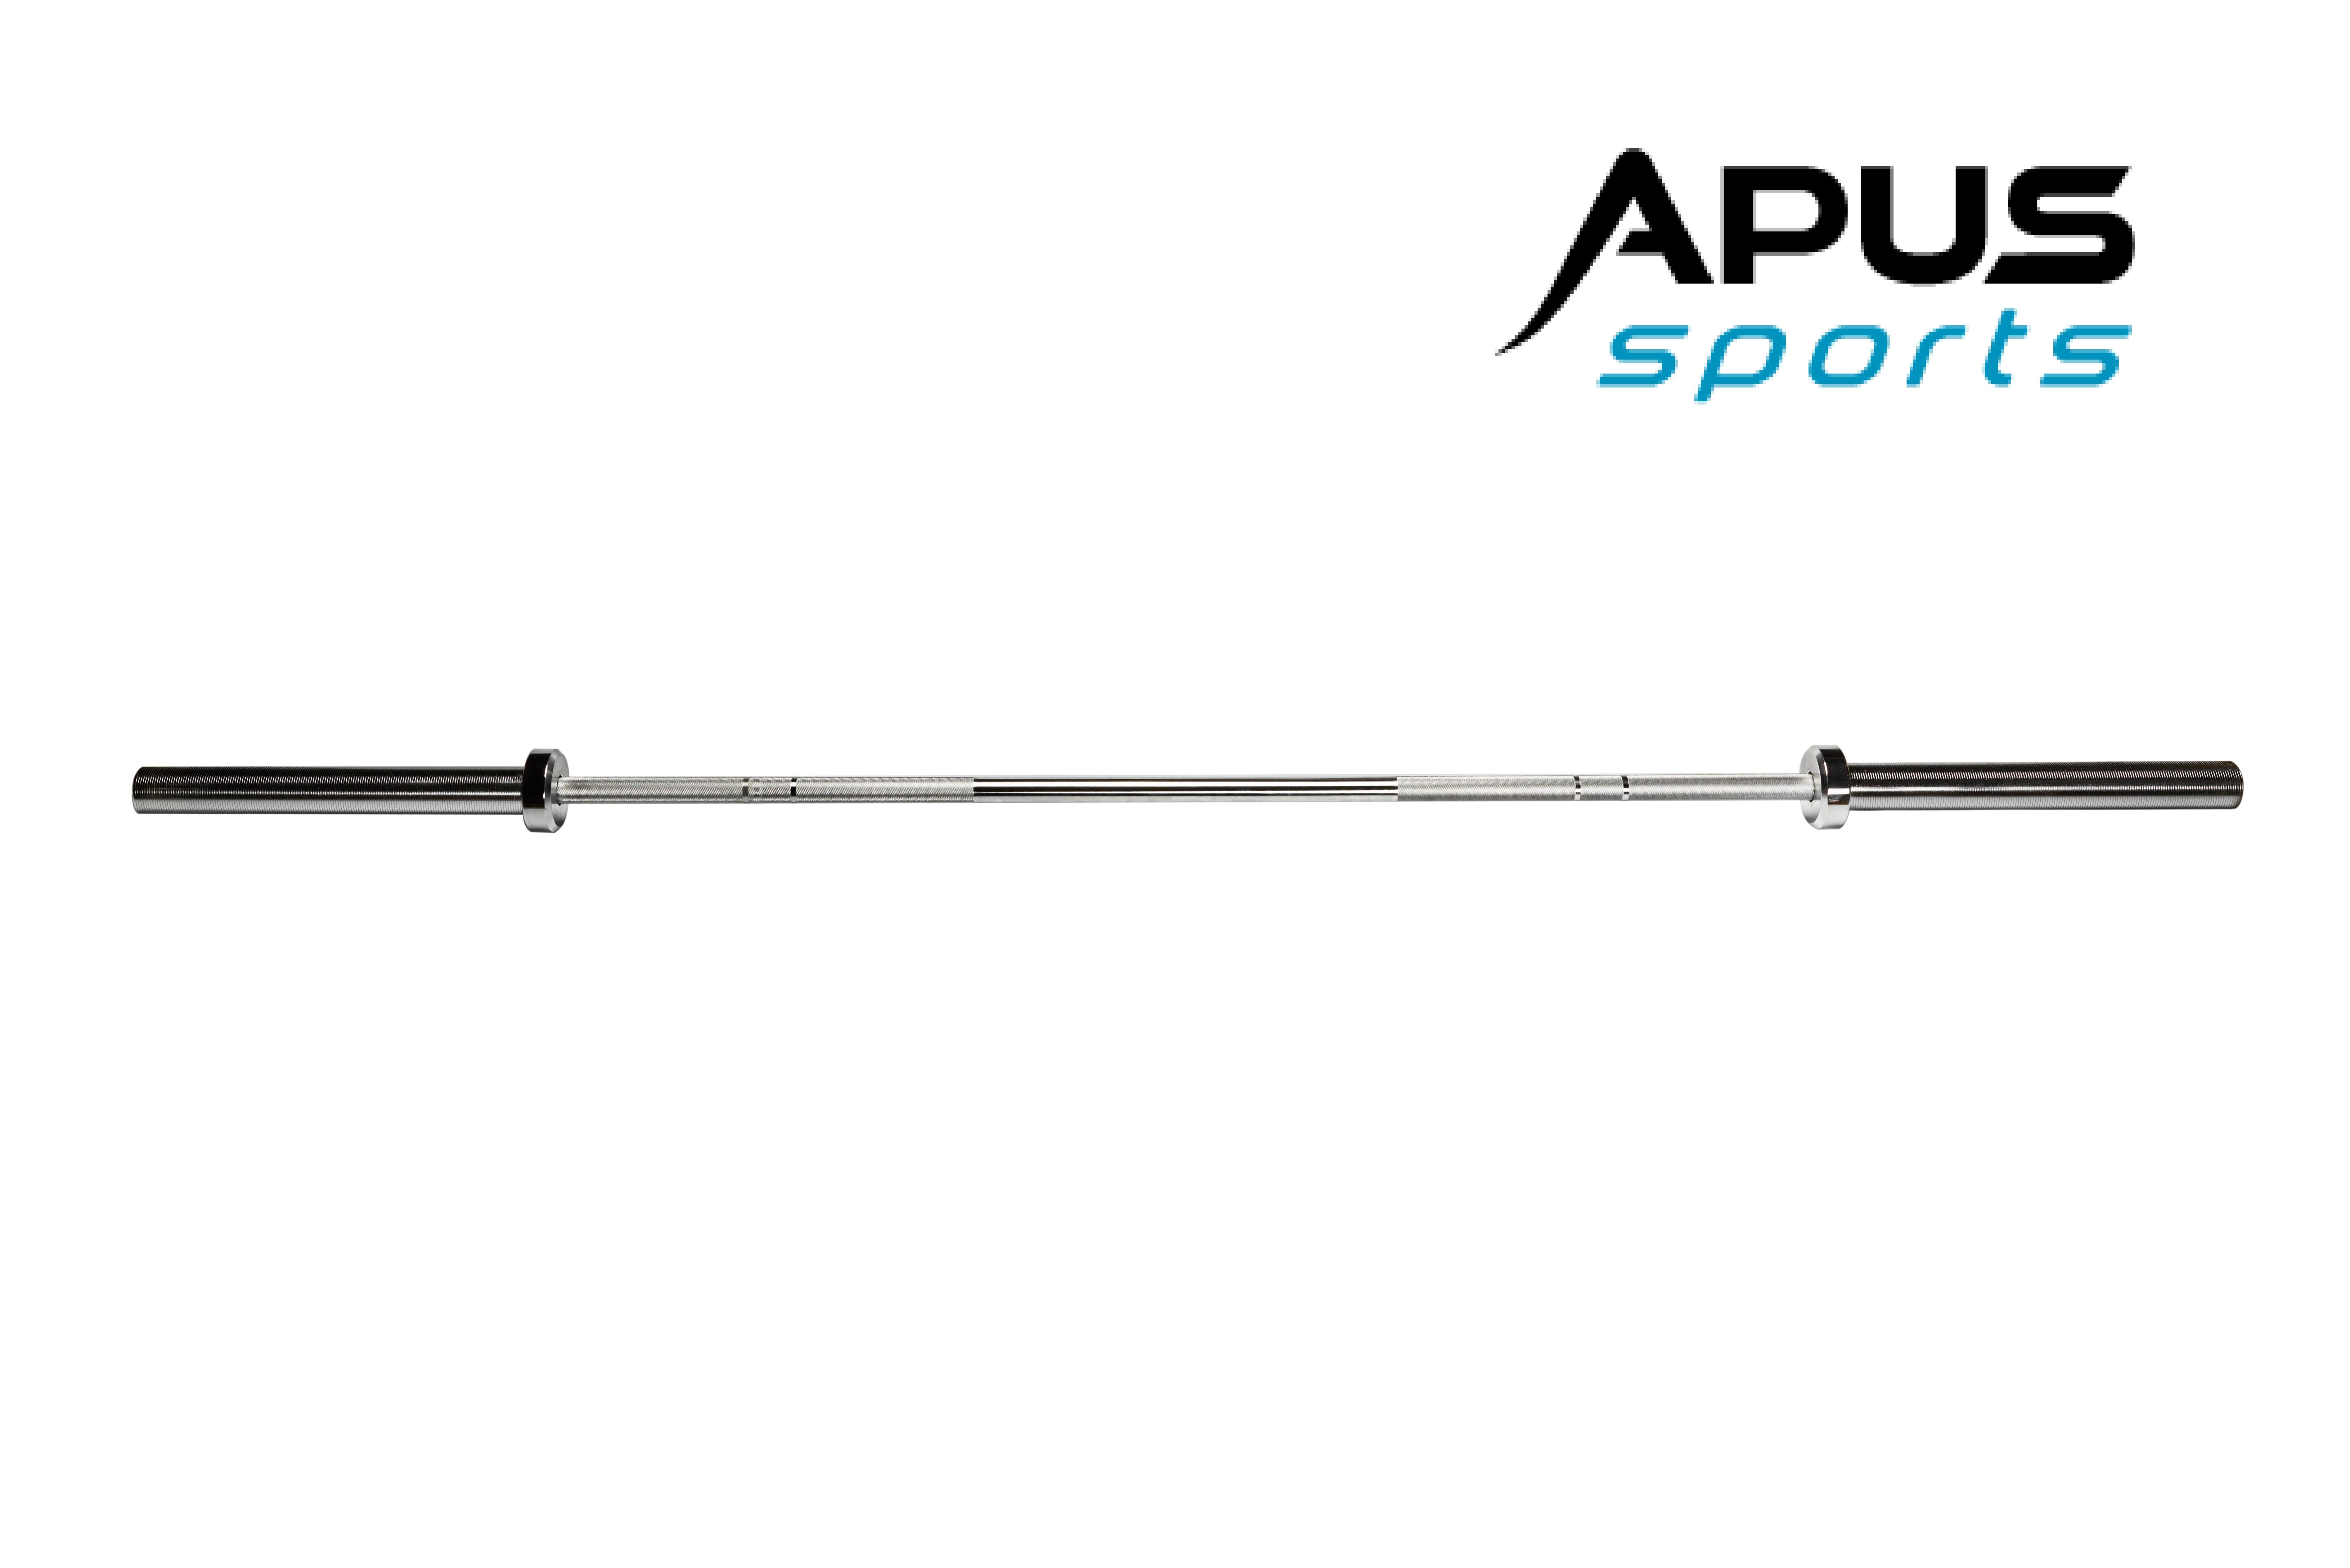 Гриф олимпийский для штанги 150 см. Apus Sports. Профессиональный прямой